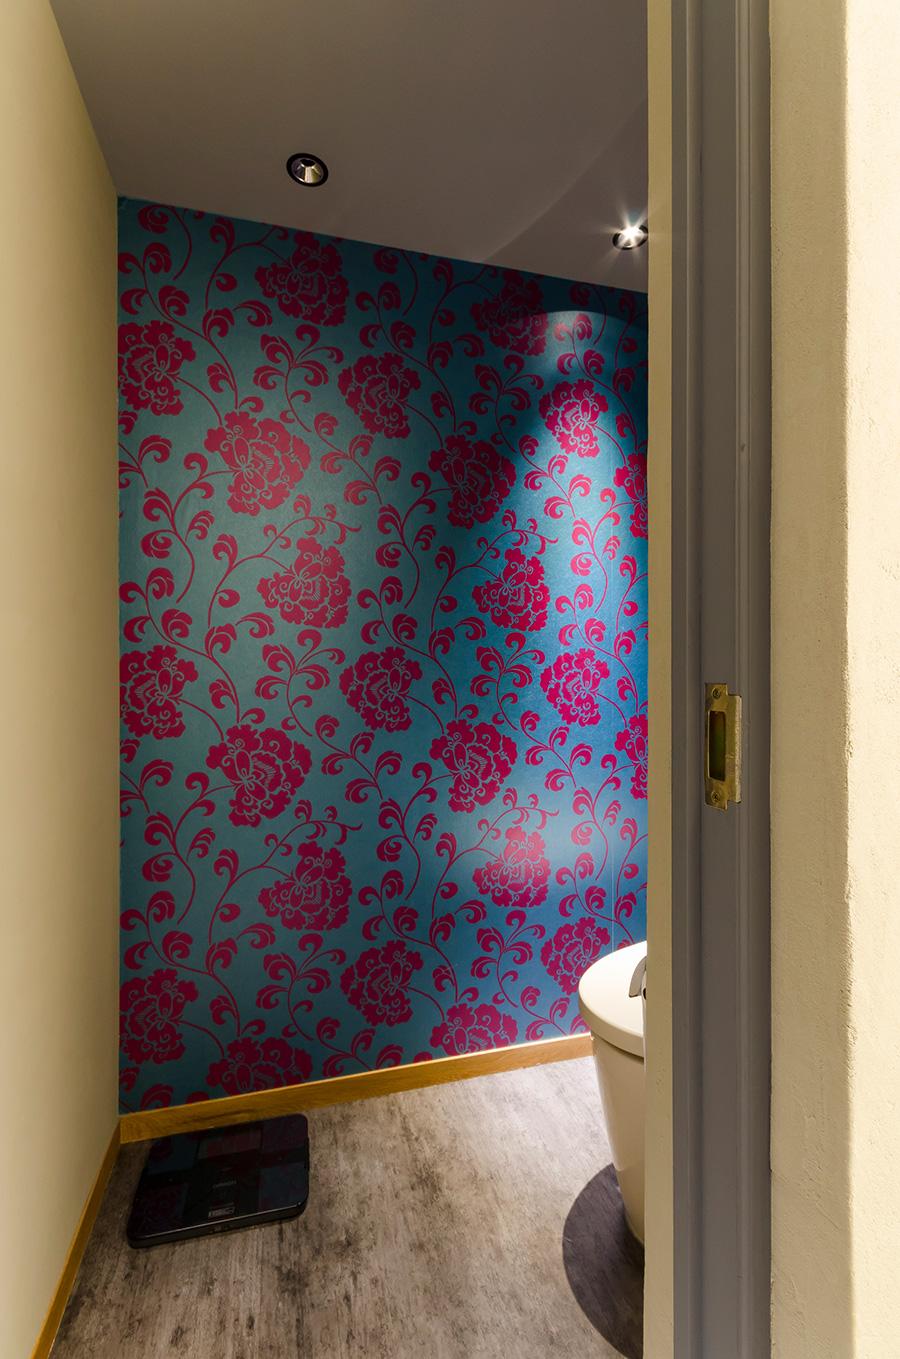 暗くて味気なくなりがちなトイレには、イギリスの壁紙を貼った。こちらはそのうちに張り替える予定だそう。